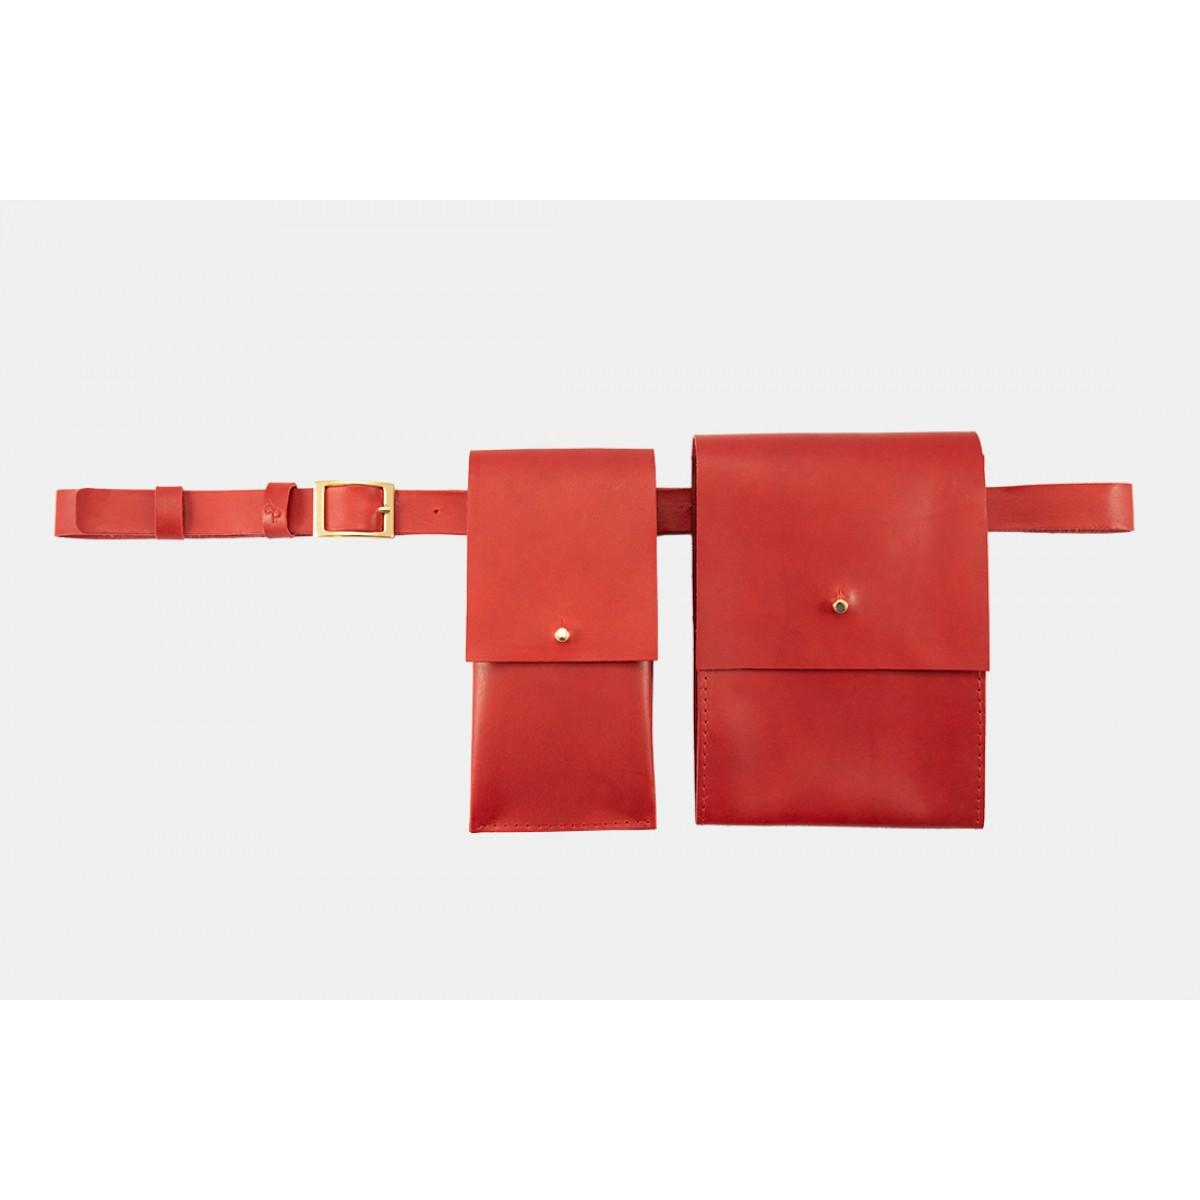 Lapàporter – Leder Gürteltasche 3 in 1, Rot